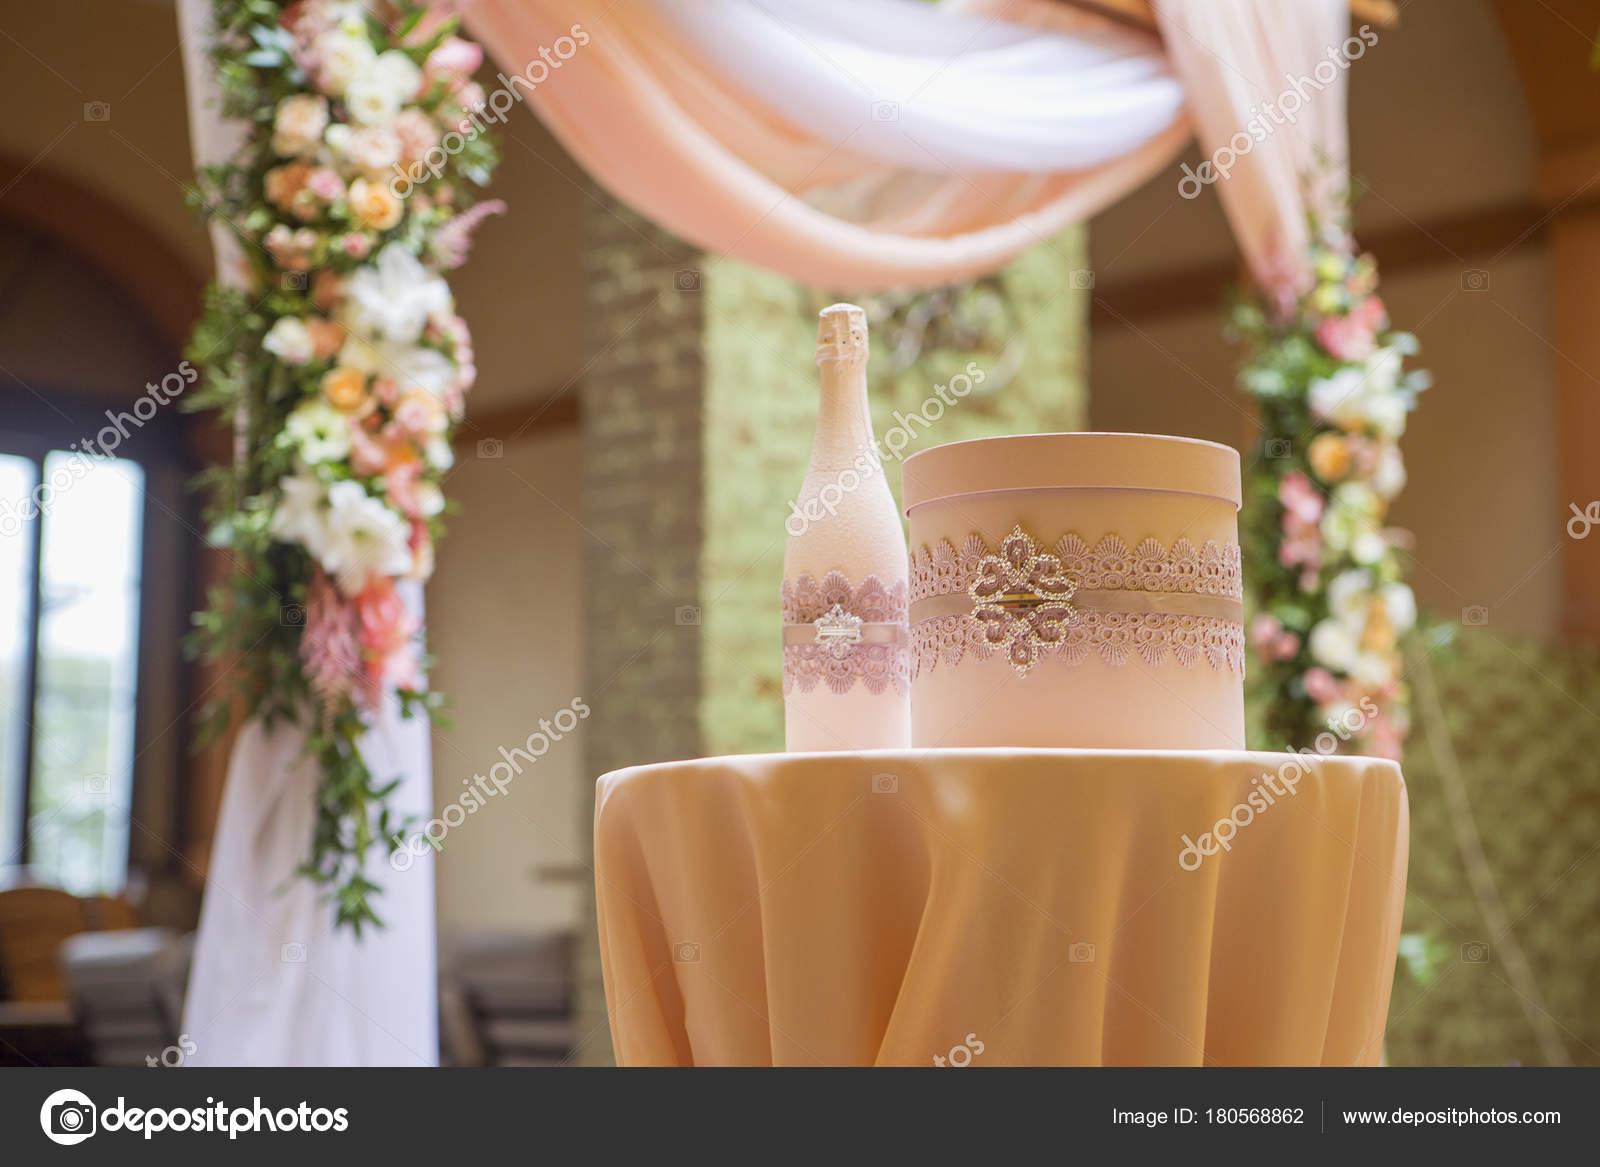 Wedding arch decor full rose eustoma flowers candles peach colored wedding arch decor full of rose and eustoma flowers candles and peach colored fabric luxury rich restaurant interior indoor junglespirit Images